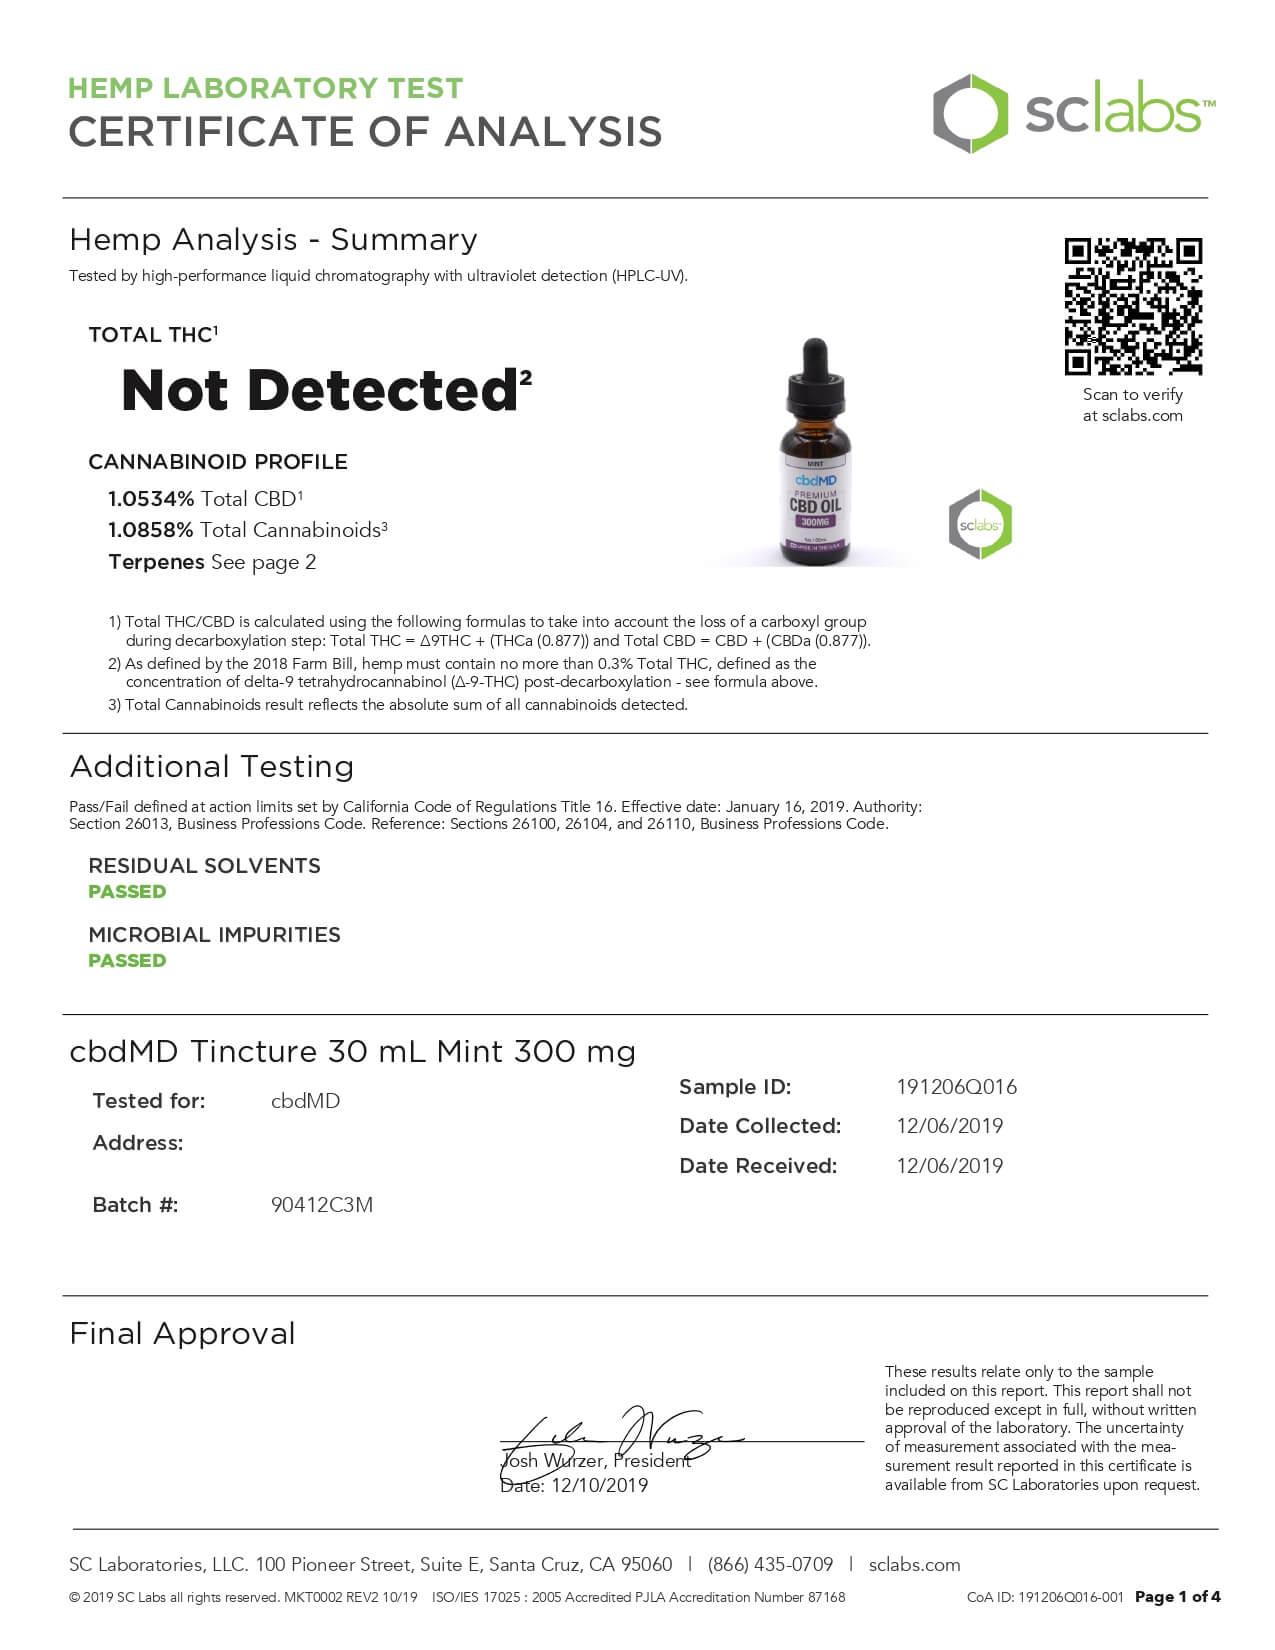 cbdMD CBD Tincture Broad Spectrum Mint 30ml 300mg Lab Report